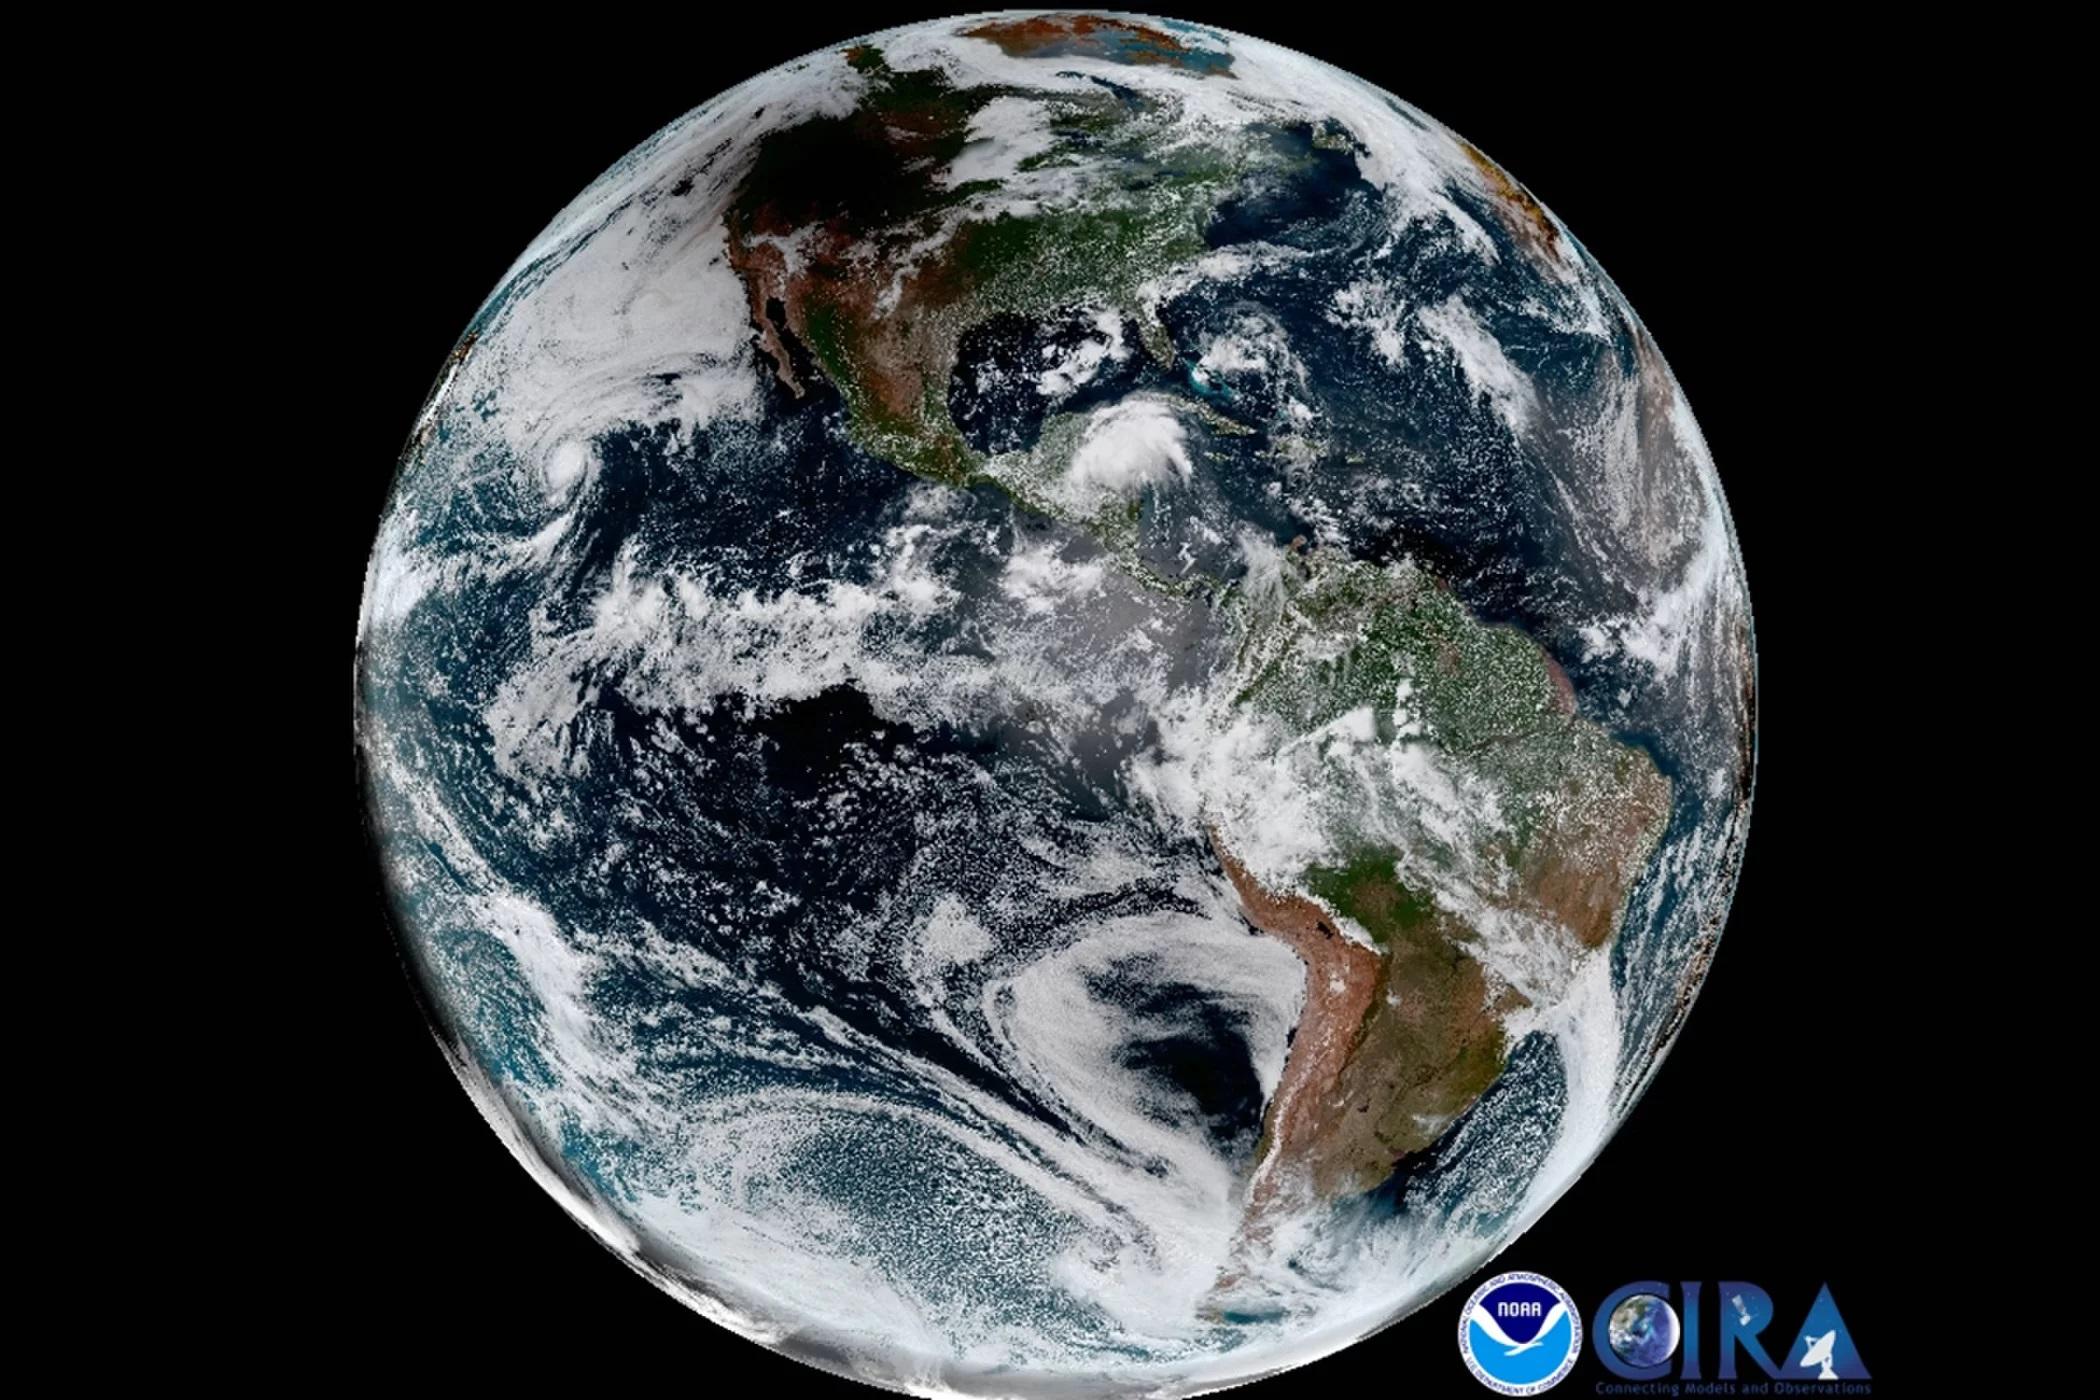 Kontynuując swoją podróż doAtlantyku cień Księżyca znajduje się nawschód odrzeki Mississippi. Zdjęcie pochodzi zAdvanced Baseline Image, będącego częścią GOES-16, którymoże wykonać obraz całej Ziemi taki jak ten co kwadrans.